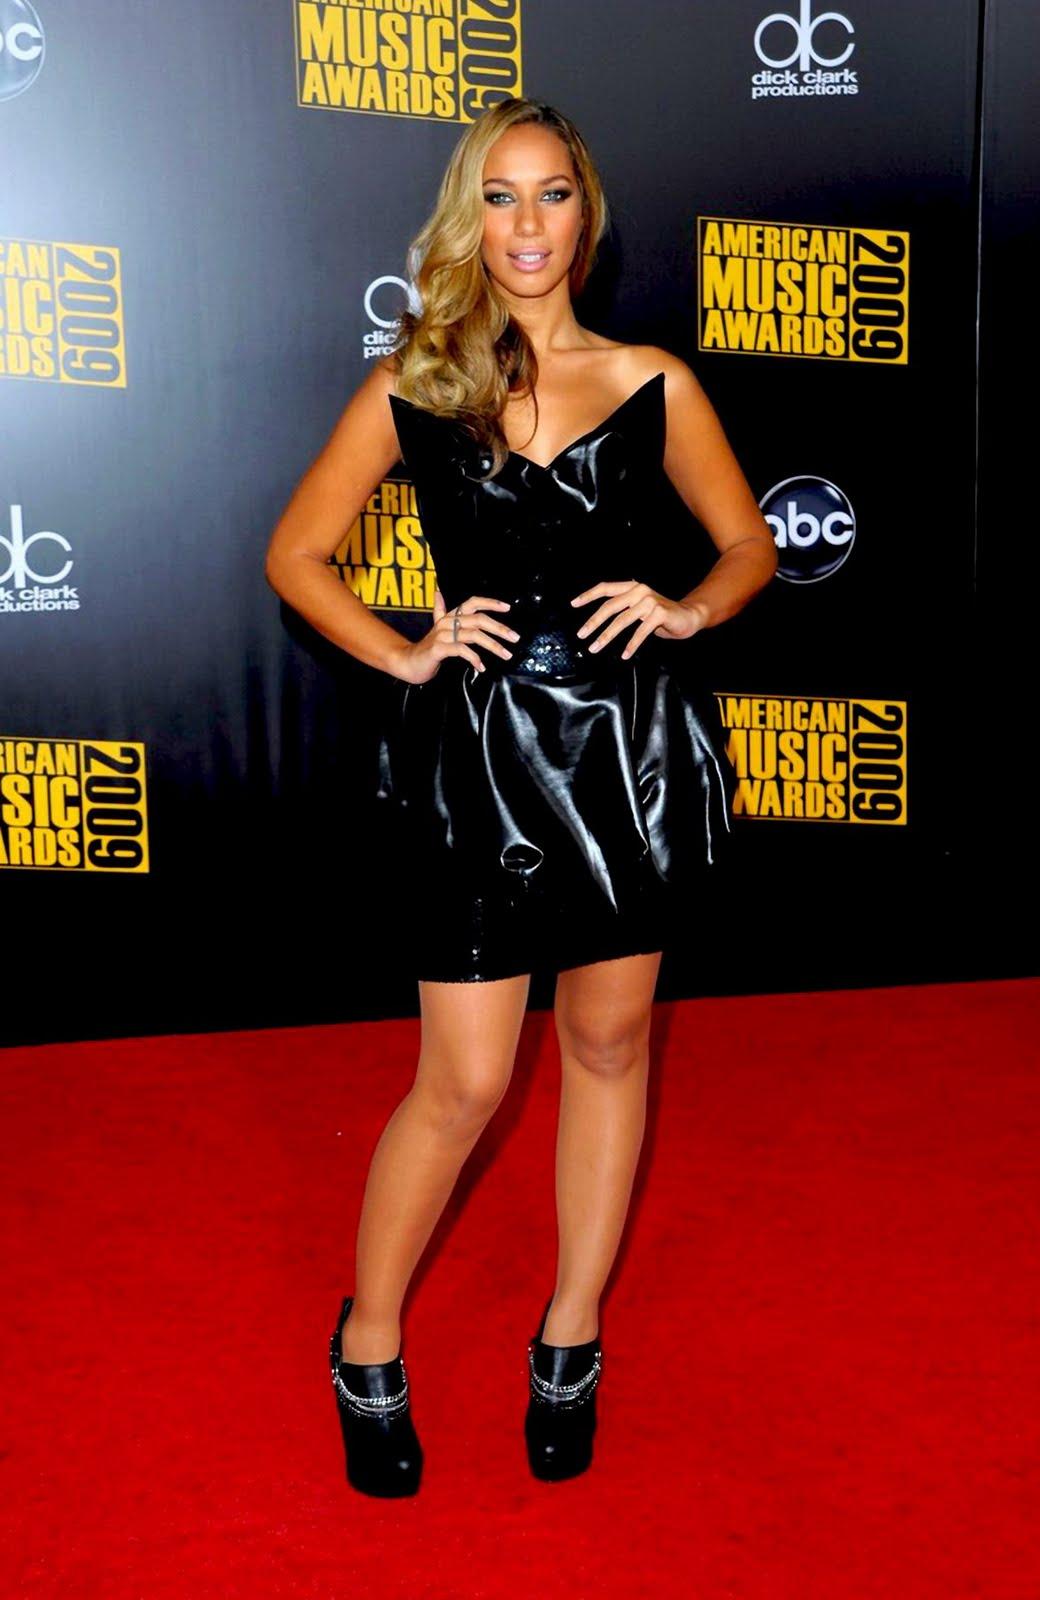 http://2.bp.blogspot.com/_-knQcvB6hEw/Swp12LdJOGI/AAAAAAAAF9A/GJWUZaBFMto/s1600/Leona+Lewis+%40+2009+American+Music+Awards+-+Los+Angeles1.jpg